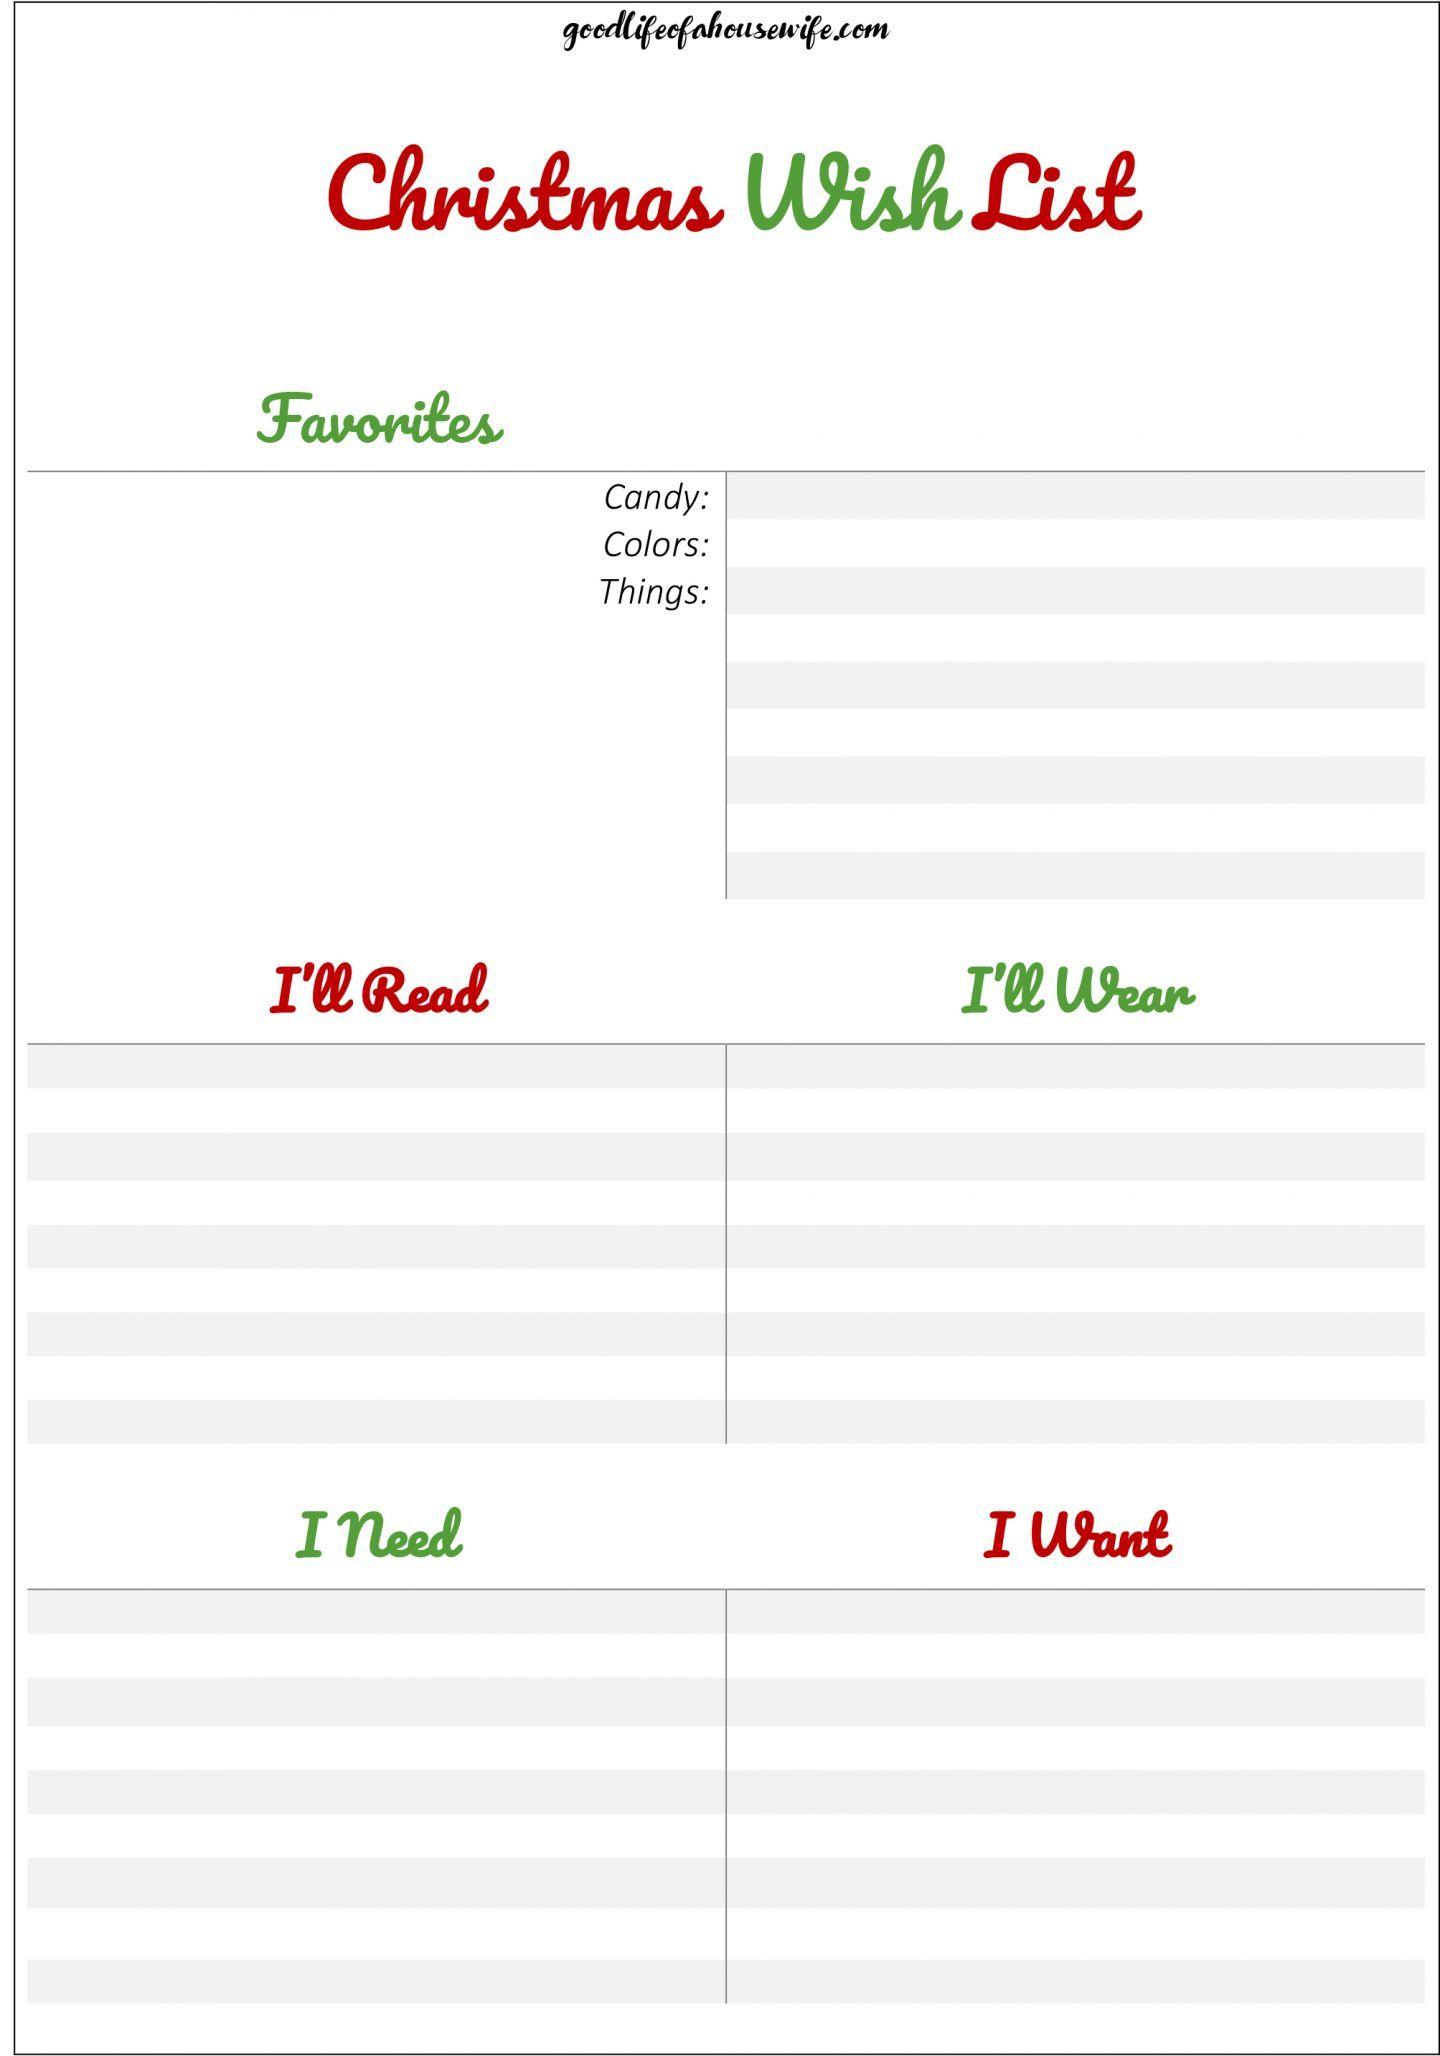 Christmas Wish List With Free Printable For Kids Pdf